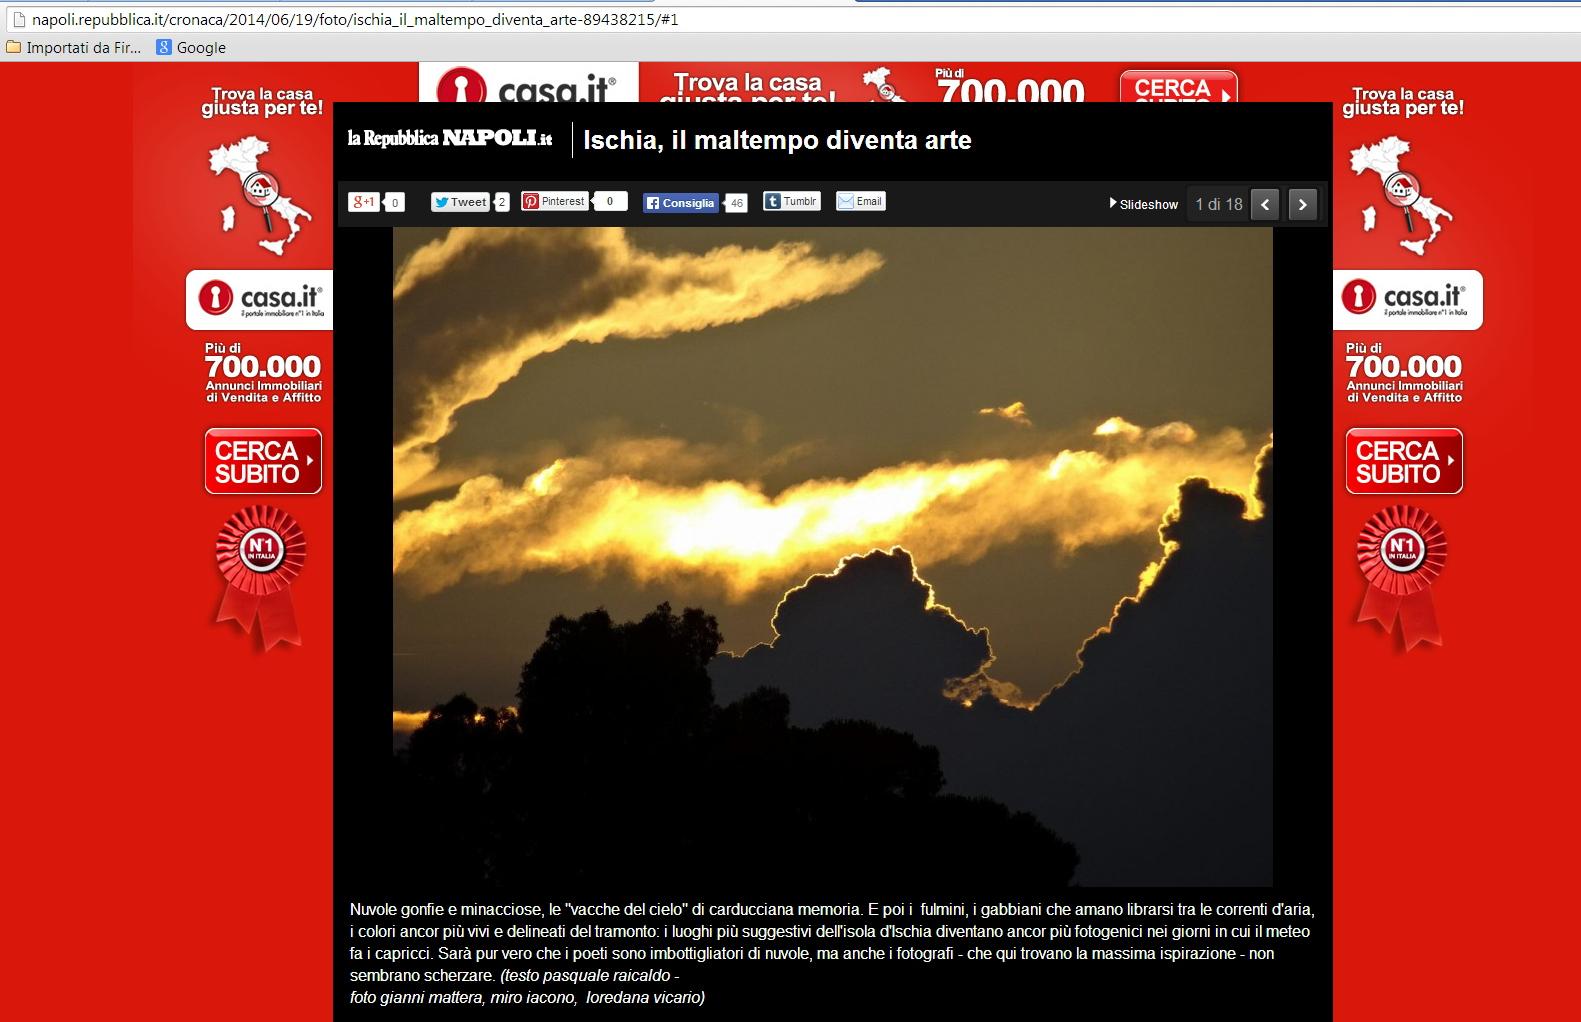 L'articolo su Repubblica.it